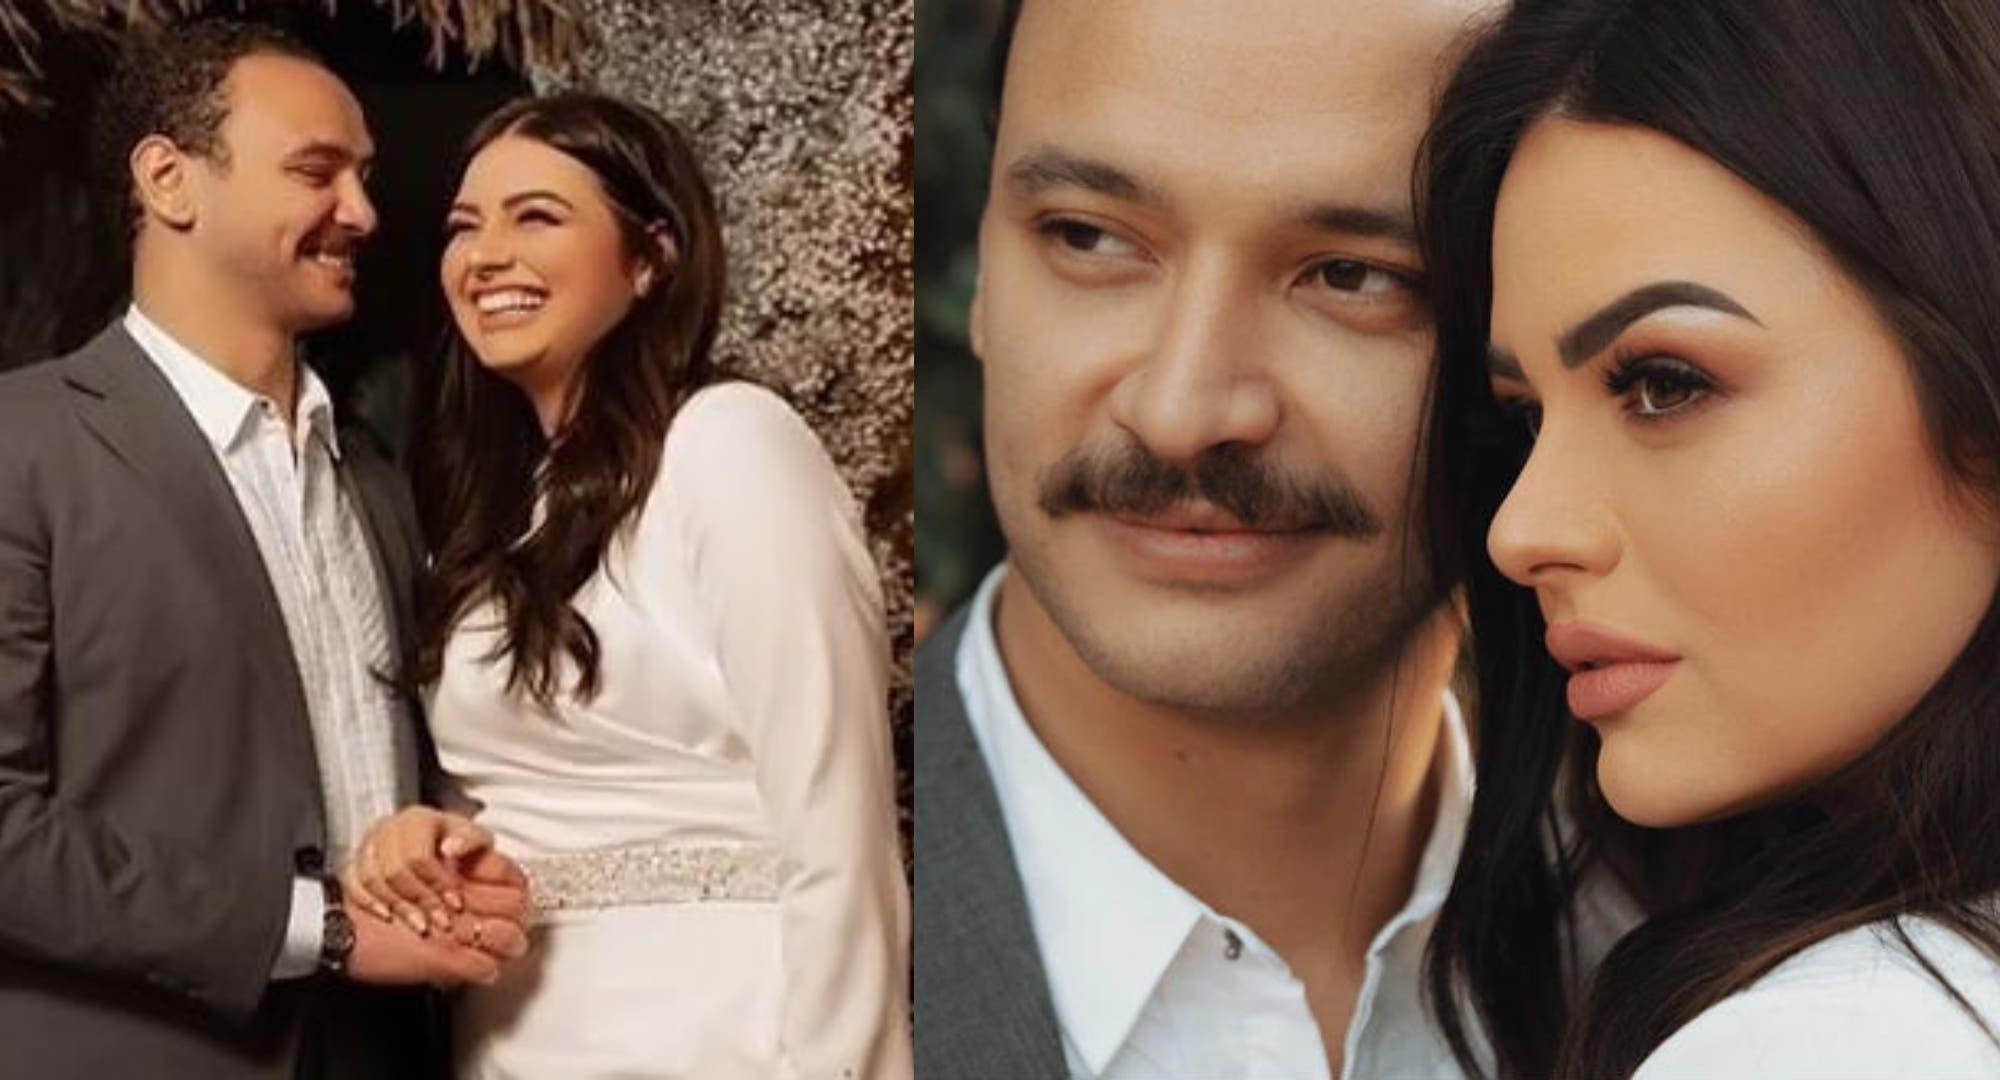 هنادي مهنا تحتفل بزفافها من أحمد خالد صالح وانهيار والدها في الحفل يتصدر الحديث Fashion Lab Coat Pearl Earrings